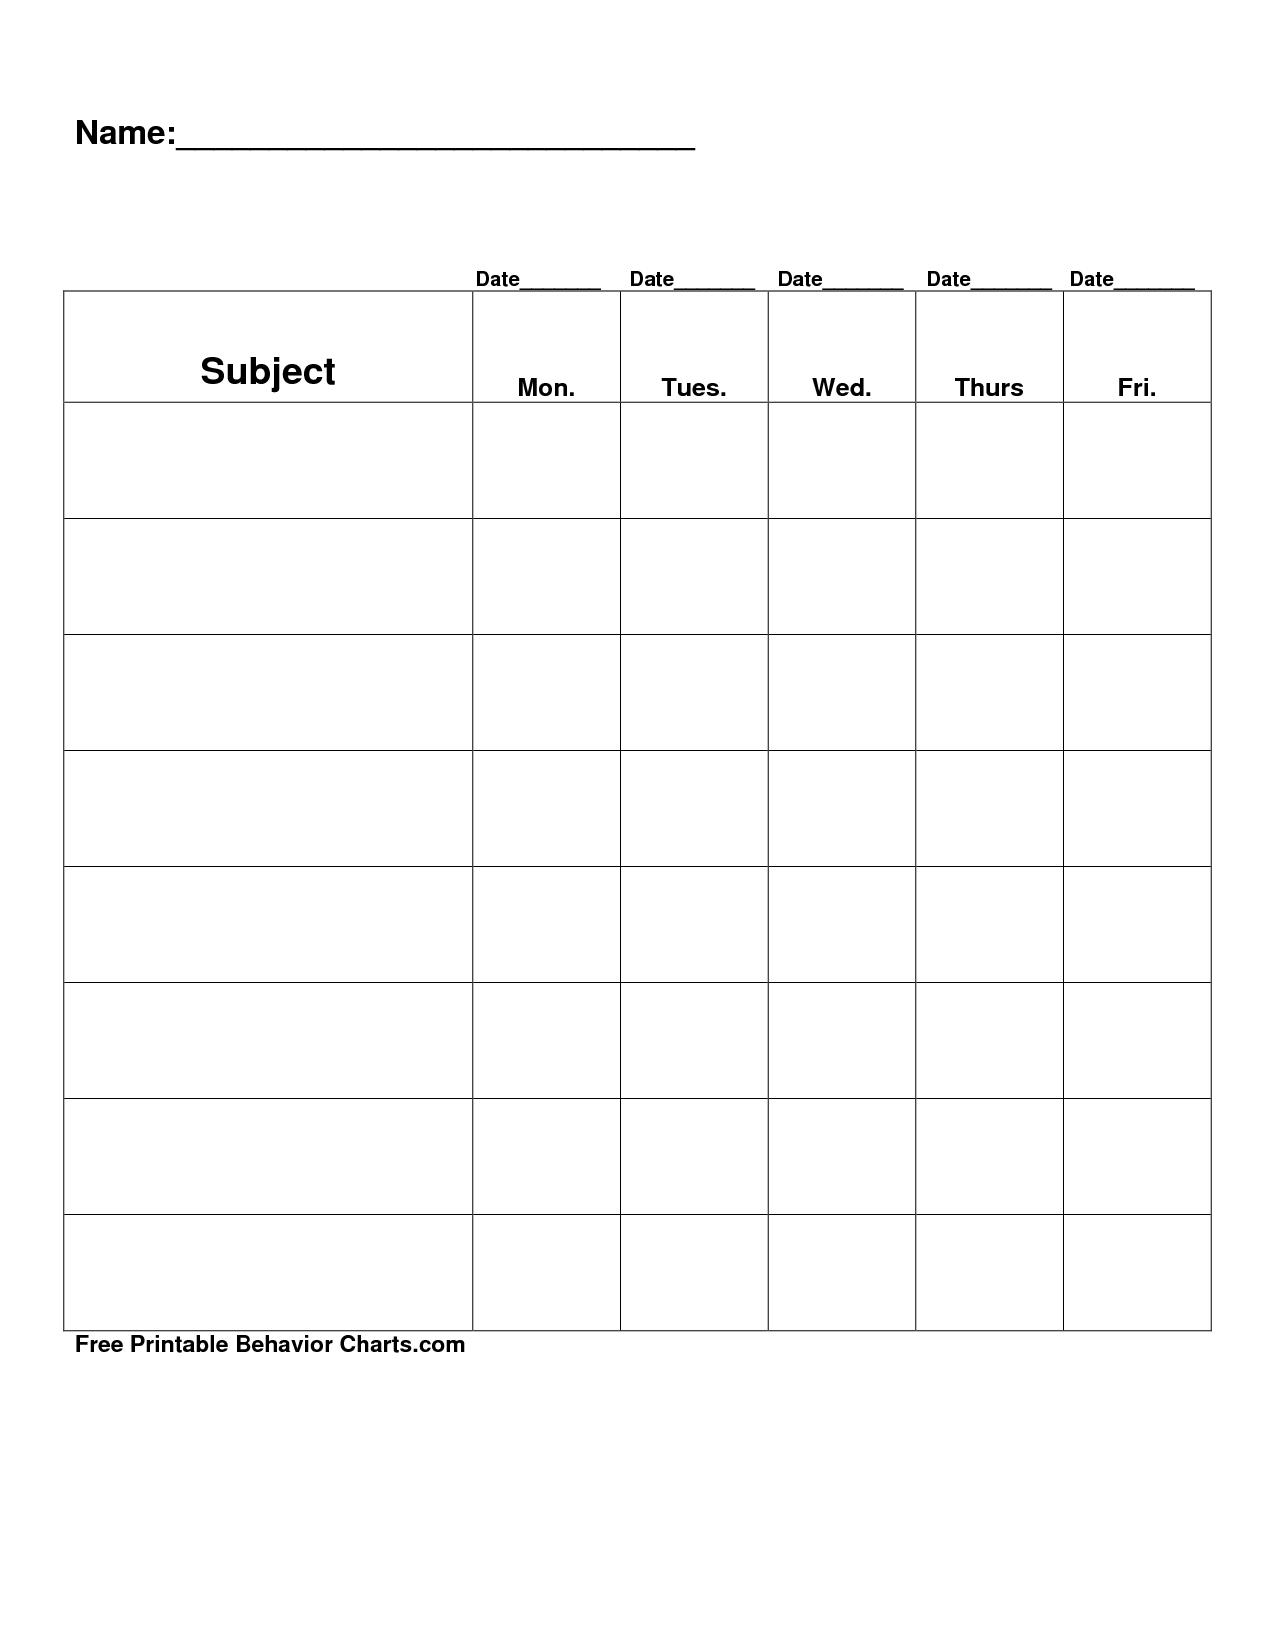 Free Printable Blank Charts | Free Printable Behavior Charts Com with Blank Behavior Charts For September